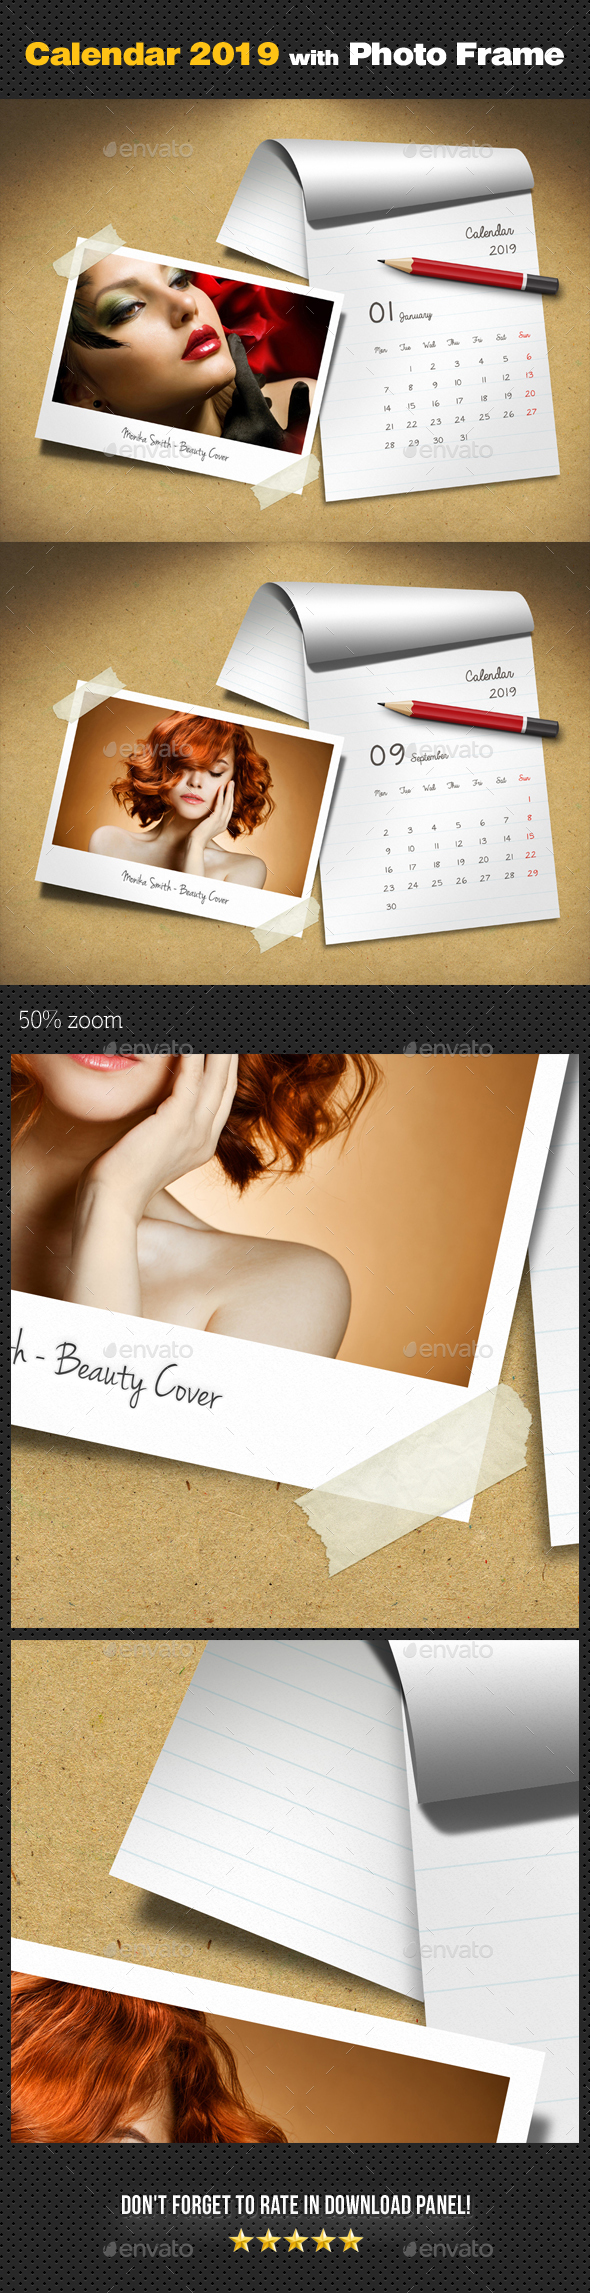 Customizable Calendar 2019 Photo Frame V06 - Miscellaneous Photo Templates